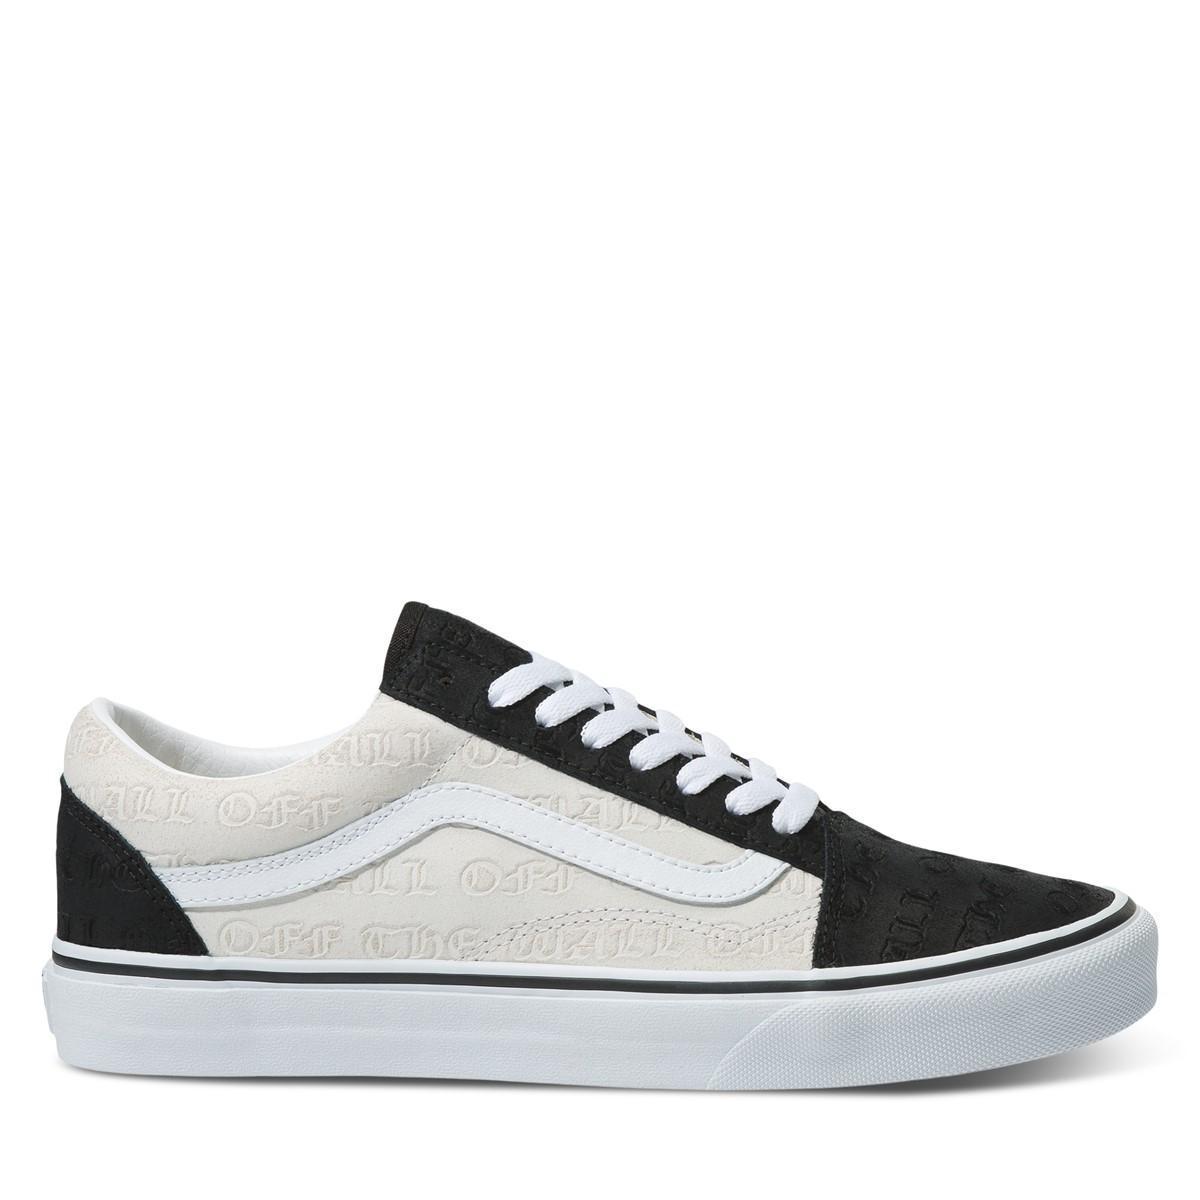 Men's Old Skool Deboss OTW Sneakers in Black/White